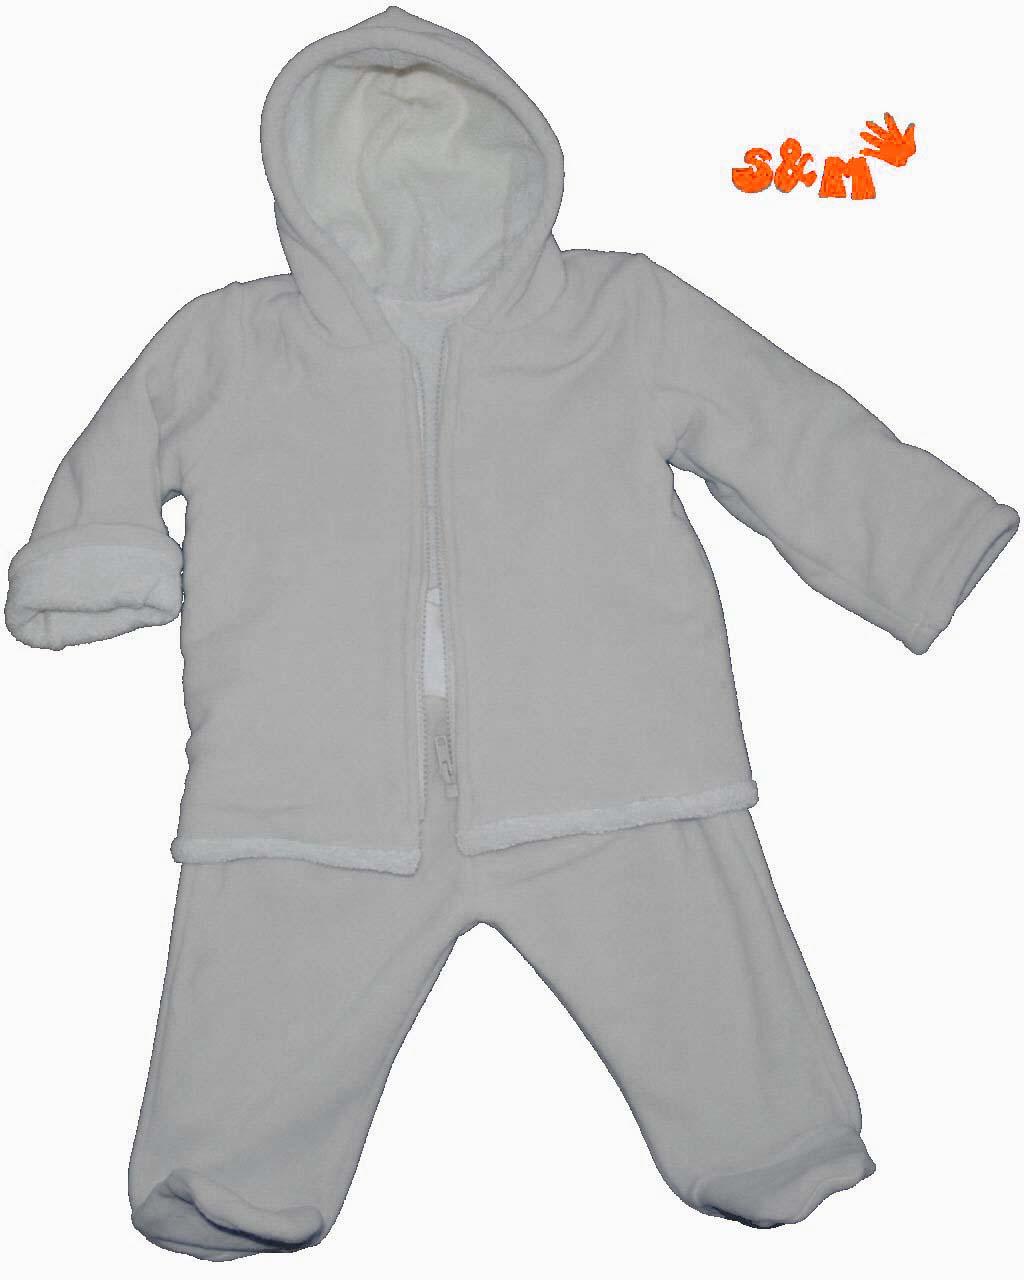 20289051cd8 bílý kojenecký fleecový zimní komplet bunda s beránkem (bavlna) +  polodupačky